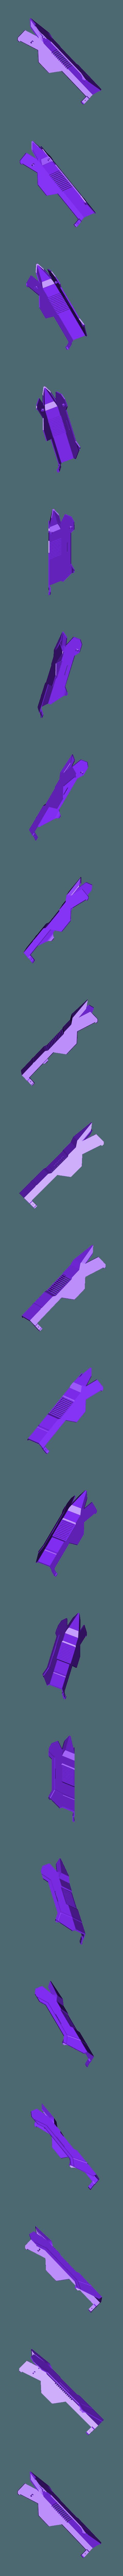 shroud.stl Télécharger fichier STL gratuit EPIC 6 stage coilgun • Objet pour impression 3D, Gyro